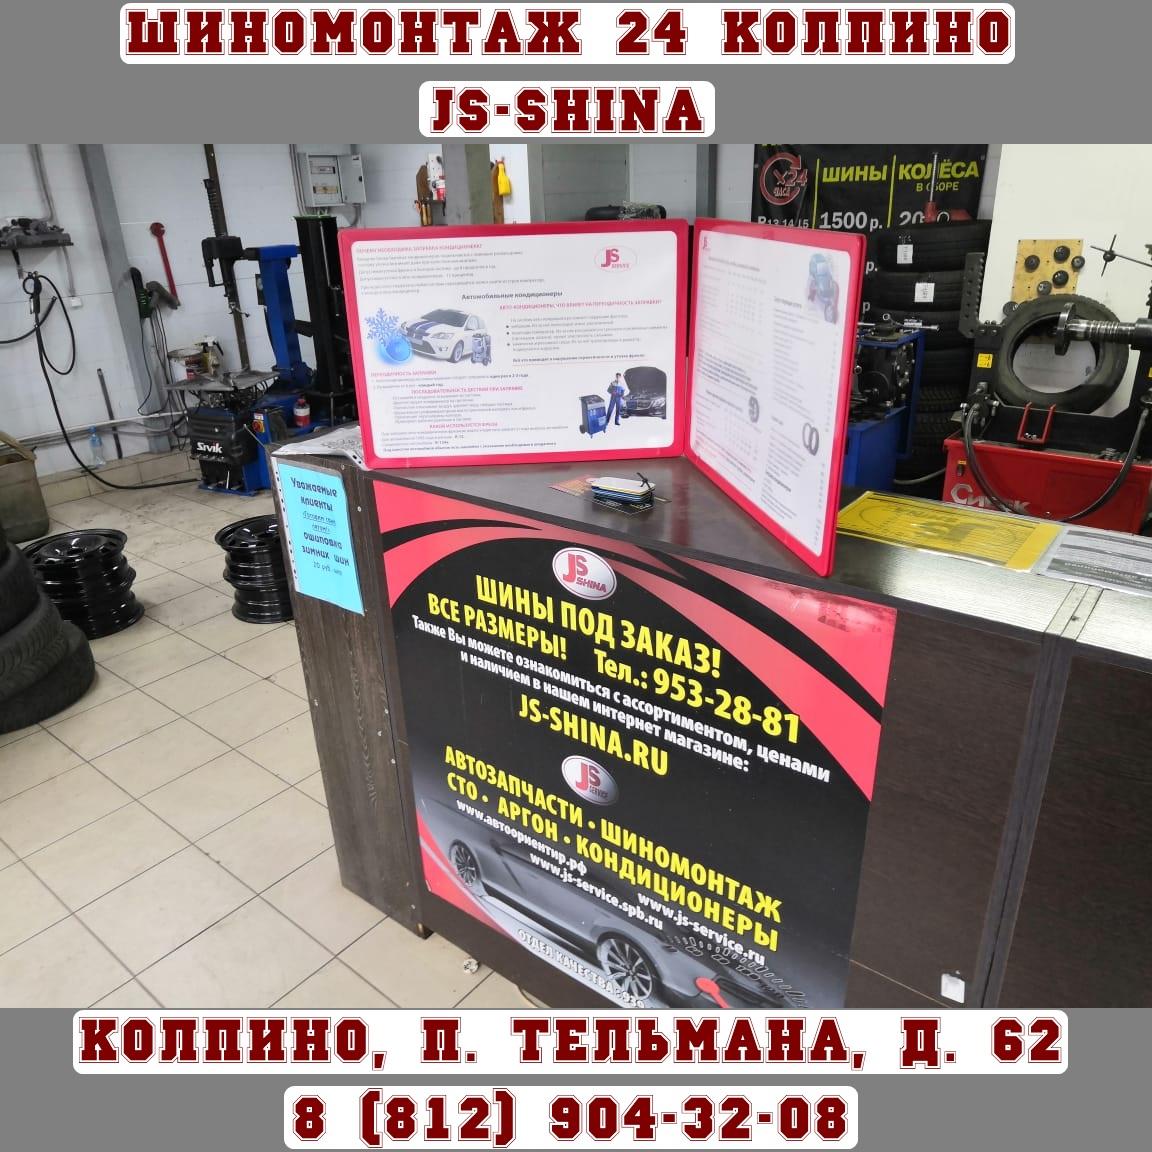 JS-Shina - Шиномонтаж 24 часа Колпино, п. Тельмана д. 62 JS-Shina - Шиномонтаж 24 часа Колпино, п. Тельмана д. 62 JS-Shina - Шиномонтаж 24 часа Колпино, п. Тельмана д. 62 Режим работы шиномонтажа: Ежедневно, круглосуточно Мастер: 8(921)904-32-08 Единый: 8(812)939-46-47 Все виды ремонта колес, шин и дисков: -Шиномонтаж 24 часа -Ошиповка шин -Ремонт проколов и порезов —Порошковая покраска дисков. -Ремонт колесных дисков -Пескоструйная обработка дисков -Сварка аргоном -Прокат дисков -Правка дисков -Удаление вмятин -Удаление притертостей на дисках -Удаление восьмерок на дисках